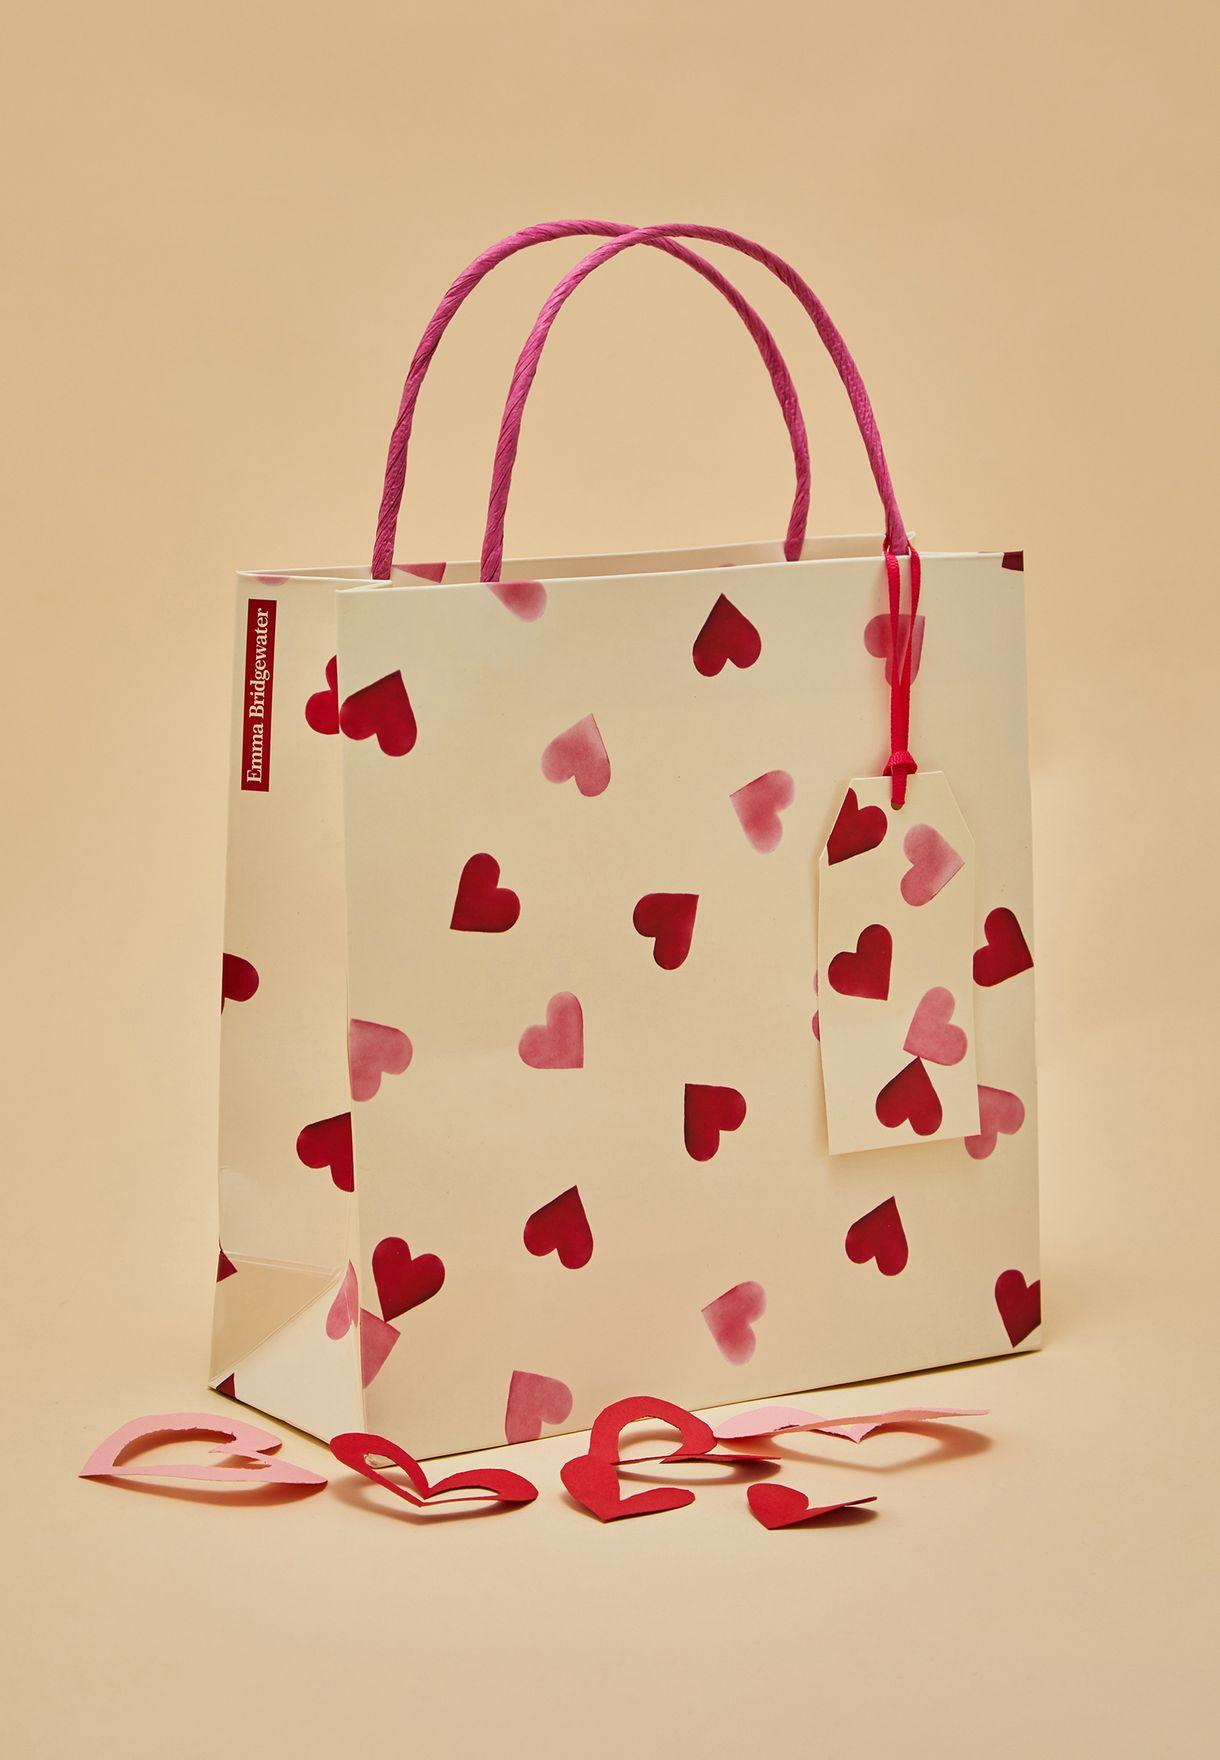 شنطة هدايا متوسطة بطباعة قلوب